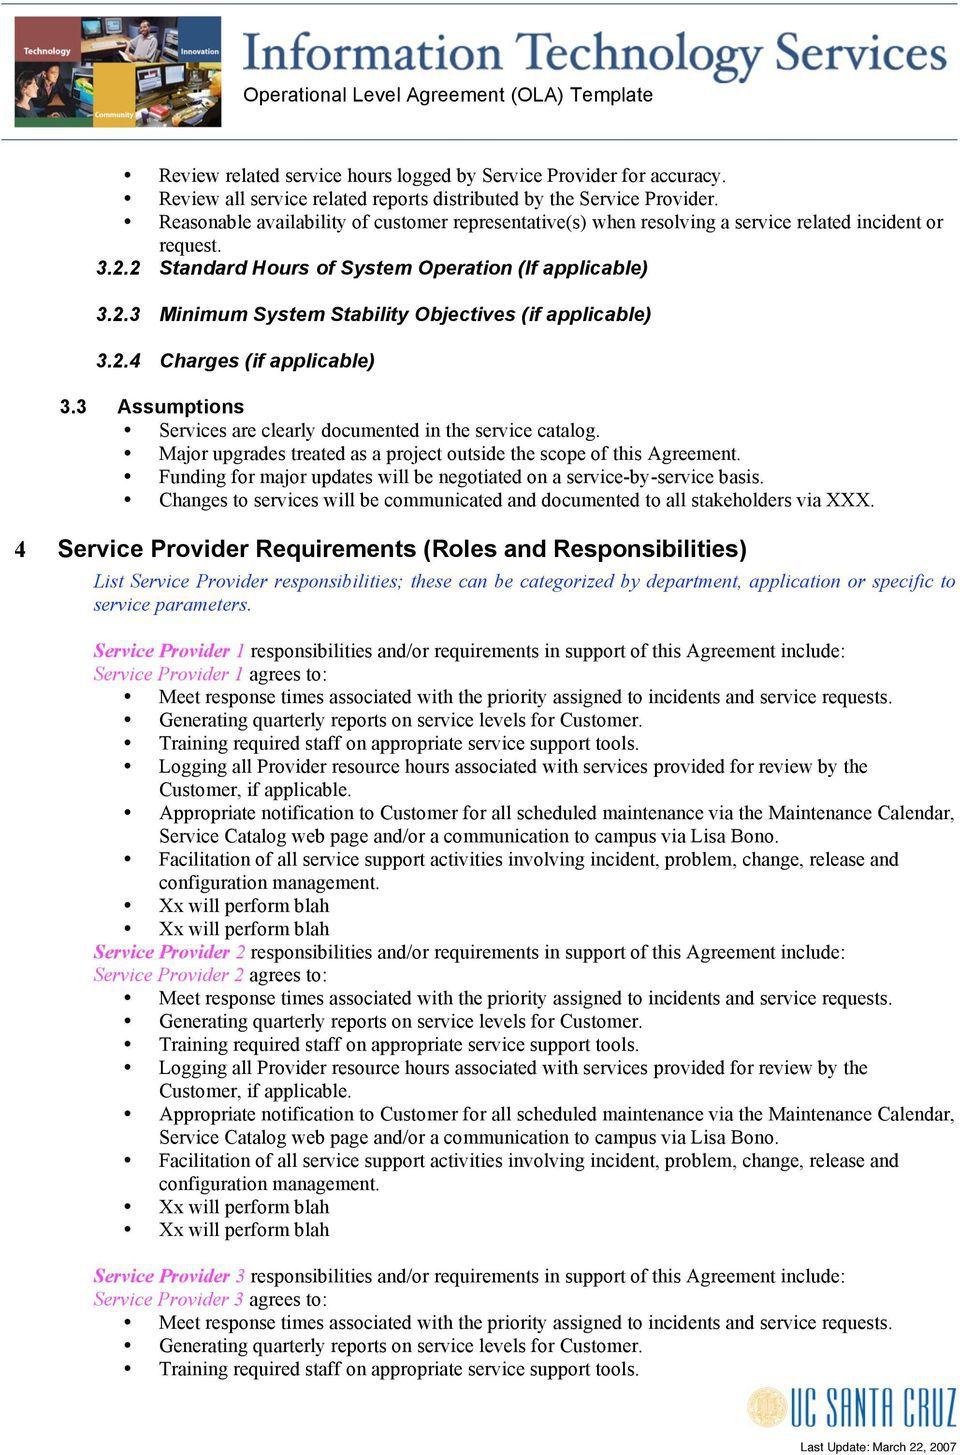 005 Beautiful Service Level Agreement Template High Def  South Africa Nz For Website DevelopmentFull